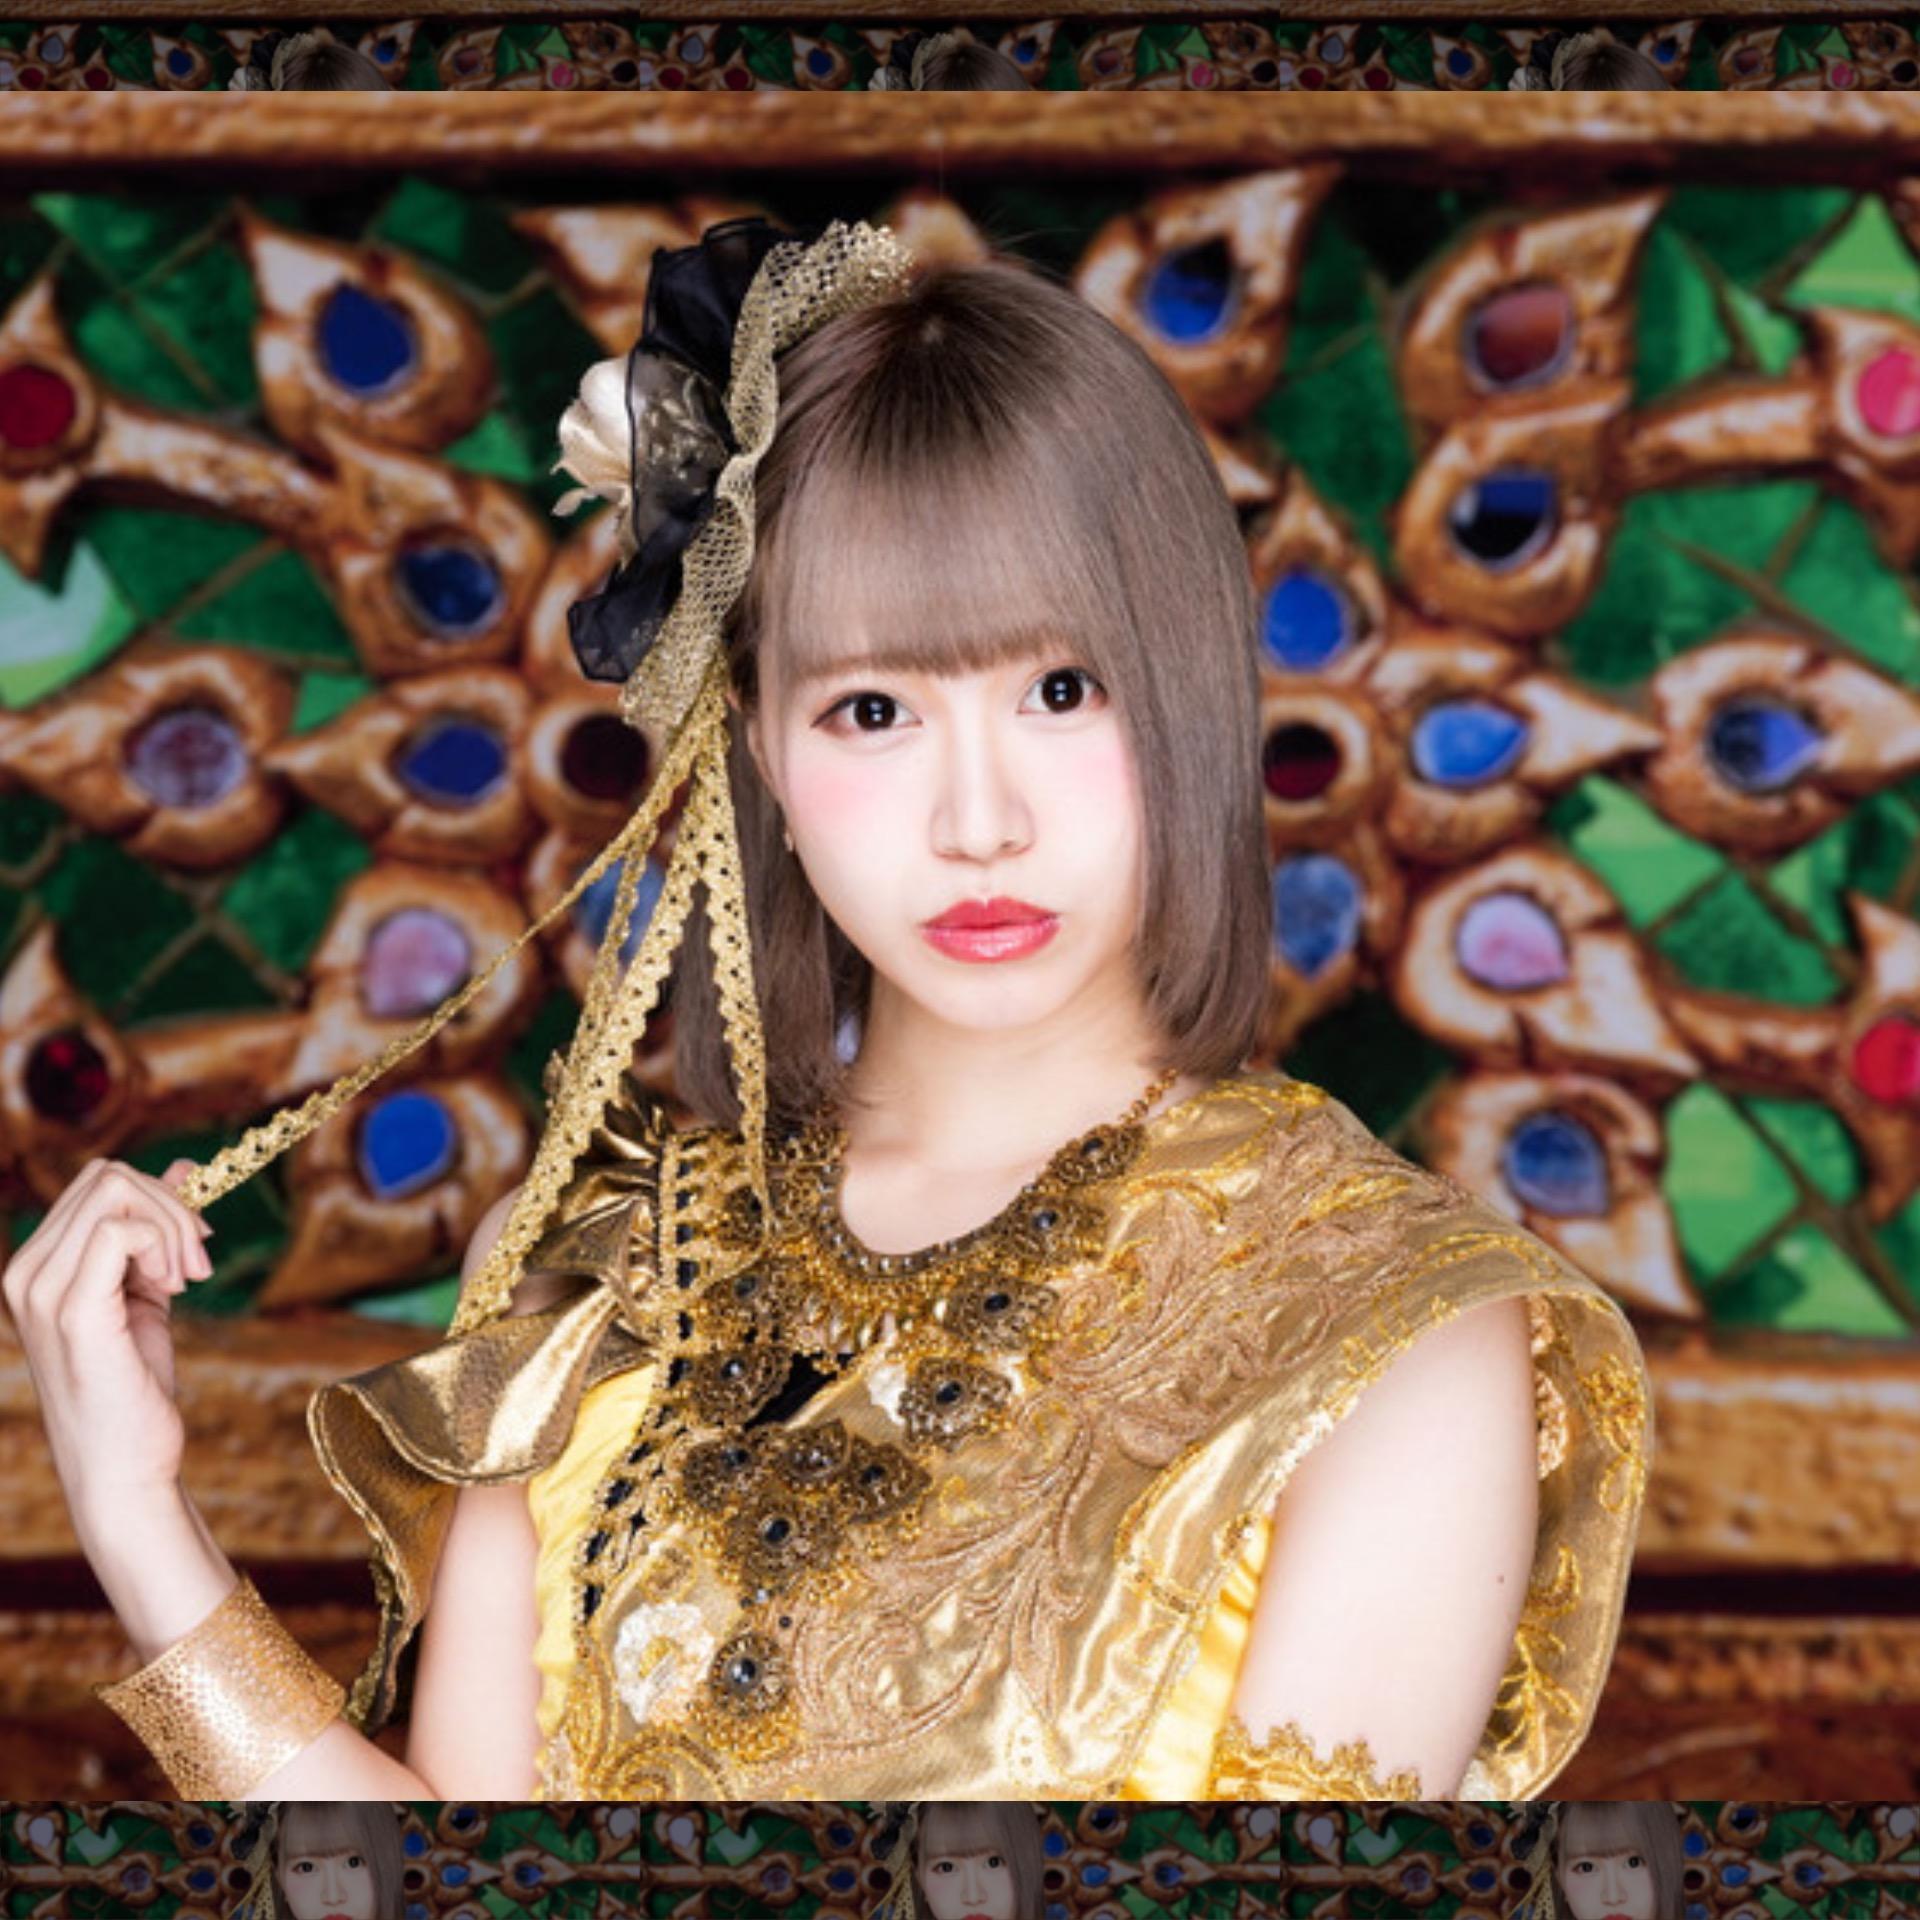 9月11日(水)READY TO KISS 牧野広実 生誕祭